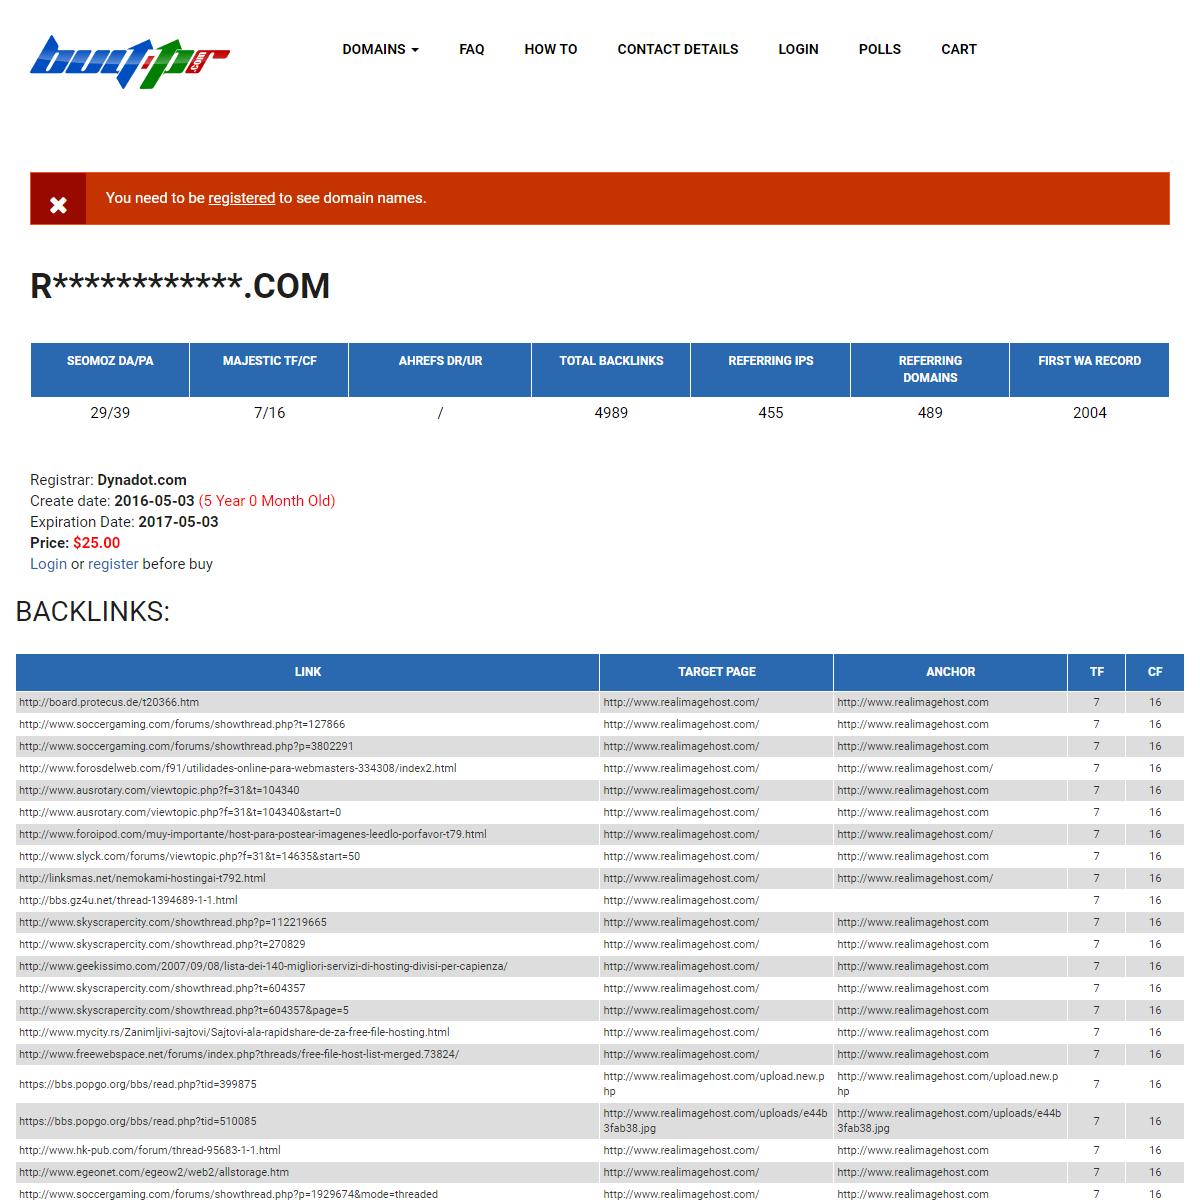 realimagehost.com - Buy-PR.com - Domains with high metrics.